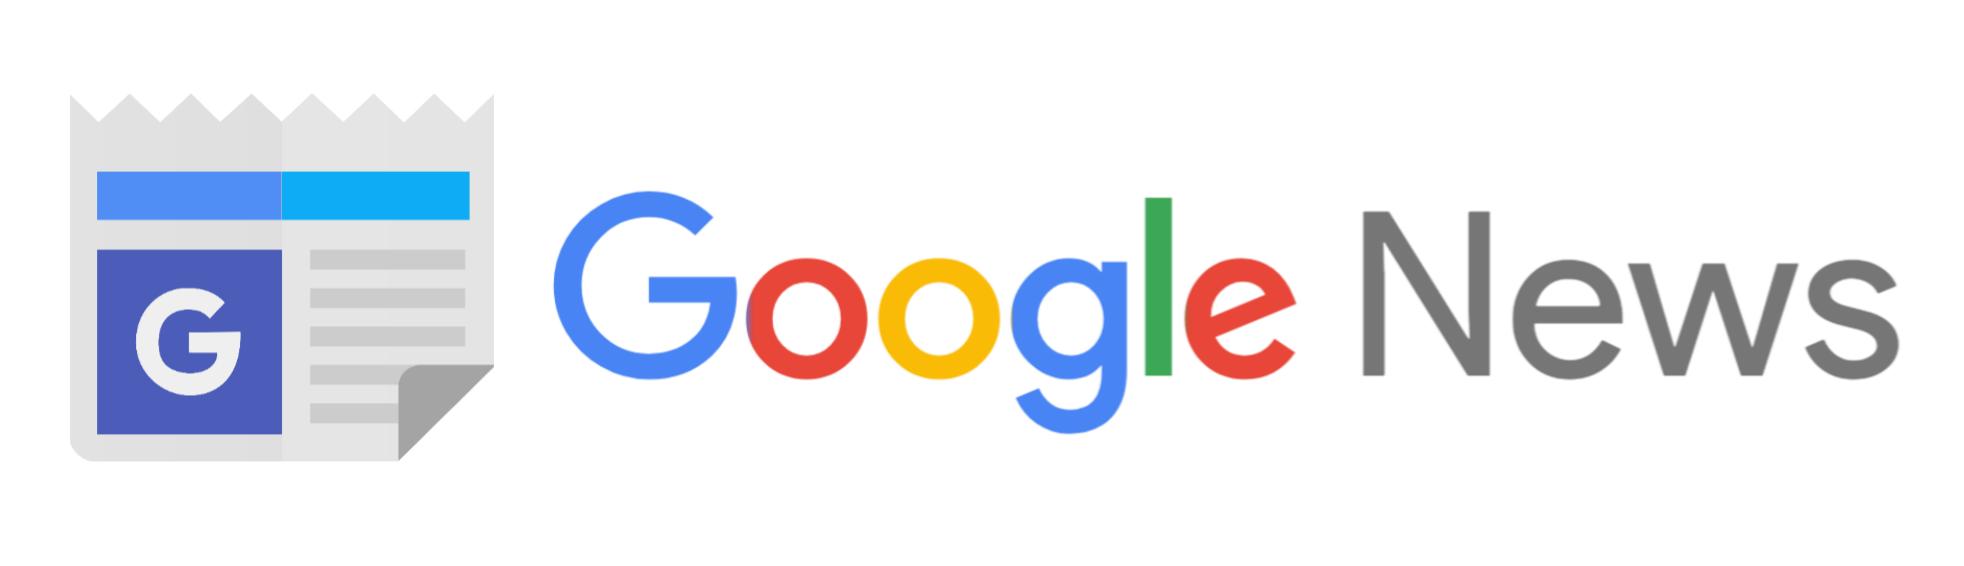 Google Notícias